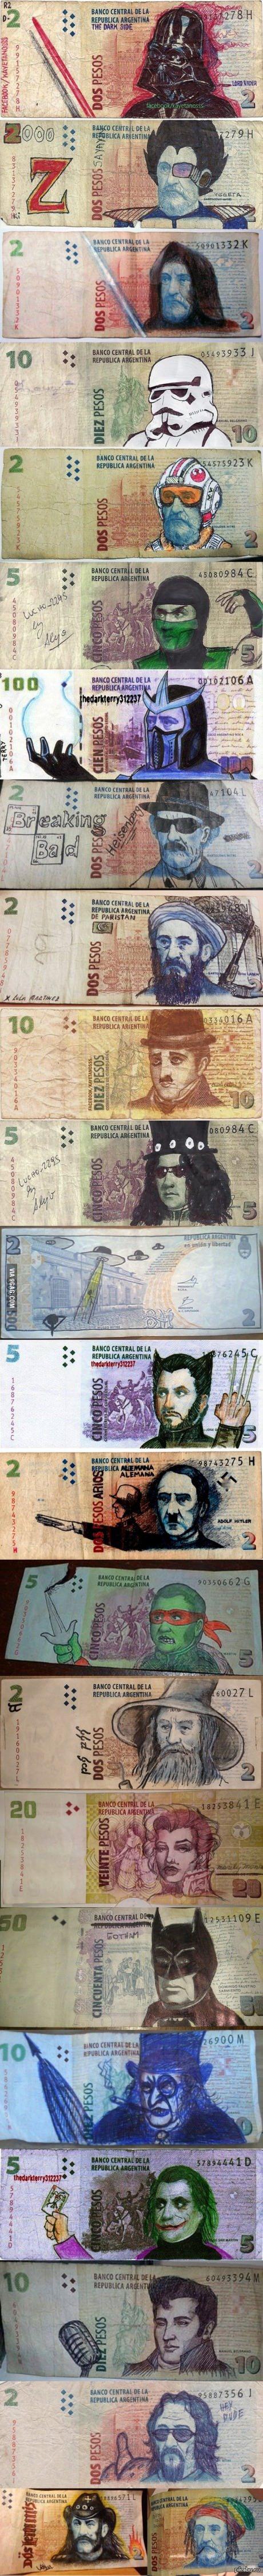 Искусство оно такое Как развлекаются в Аргентине со своей валютой